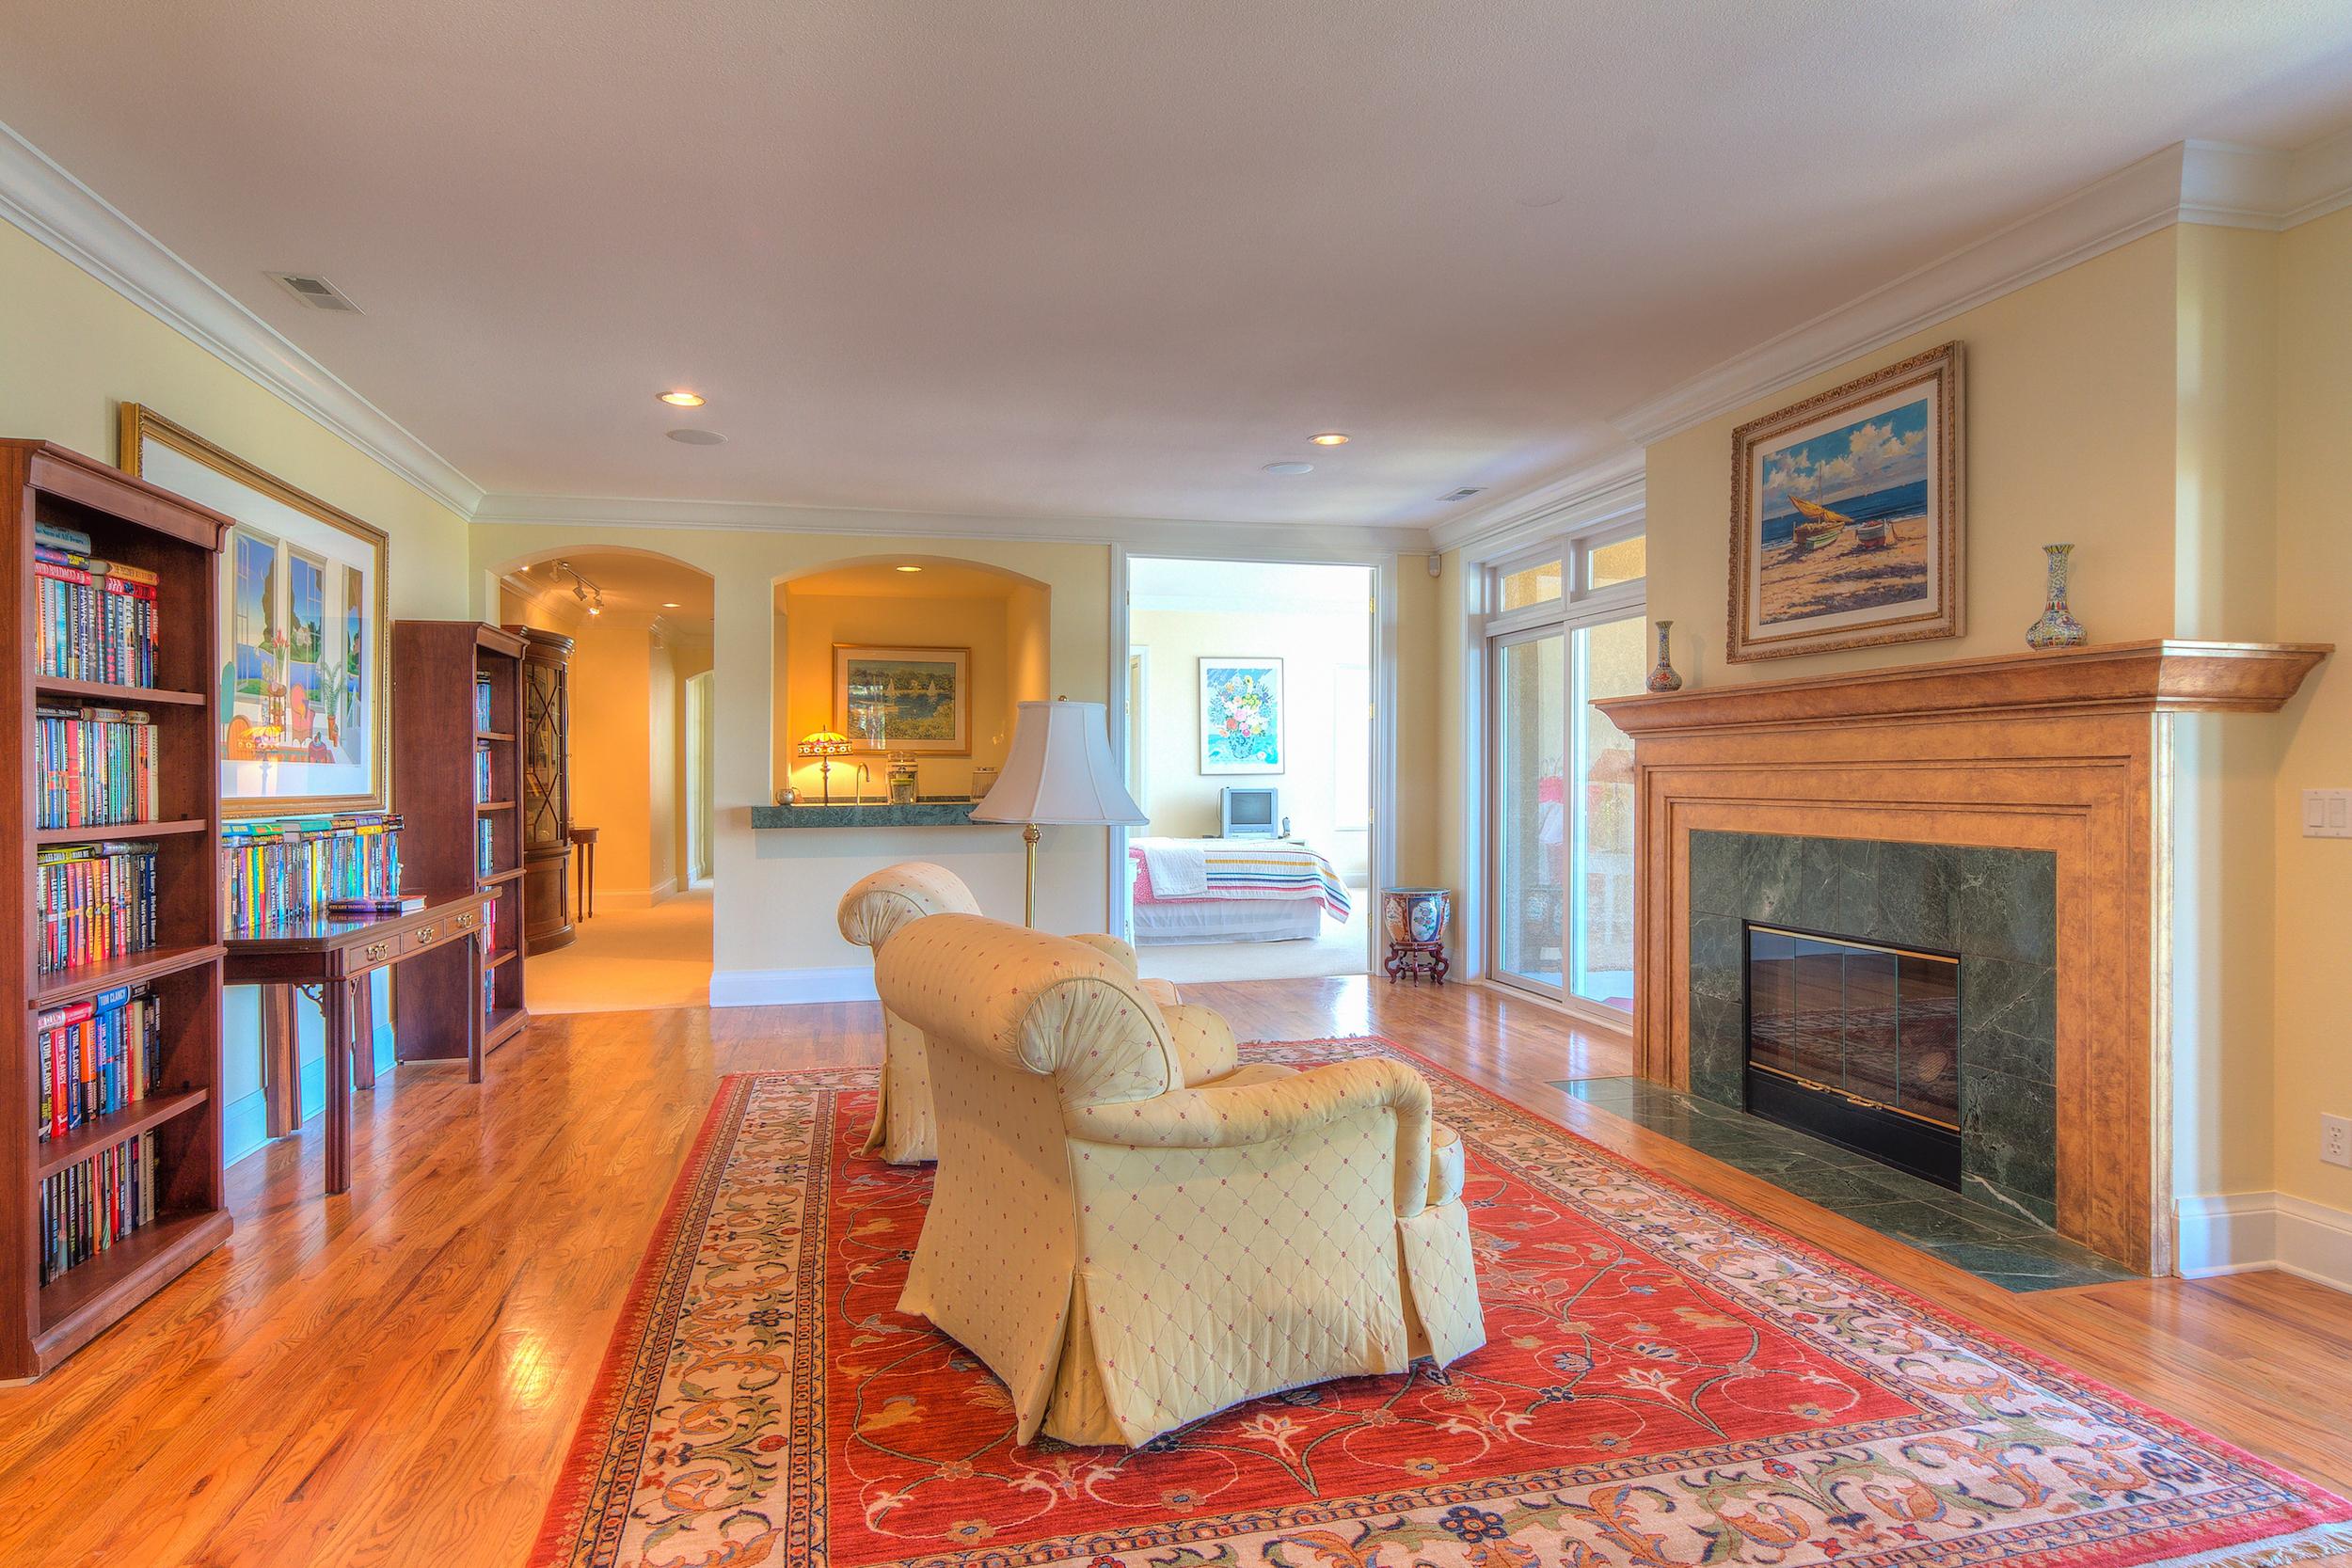 15 - Lower Level Family Room with Wet Bar.jpg